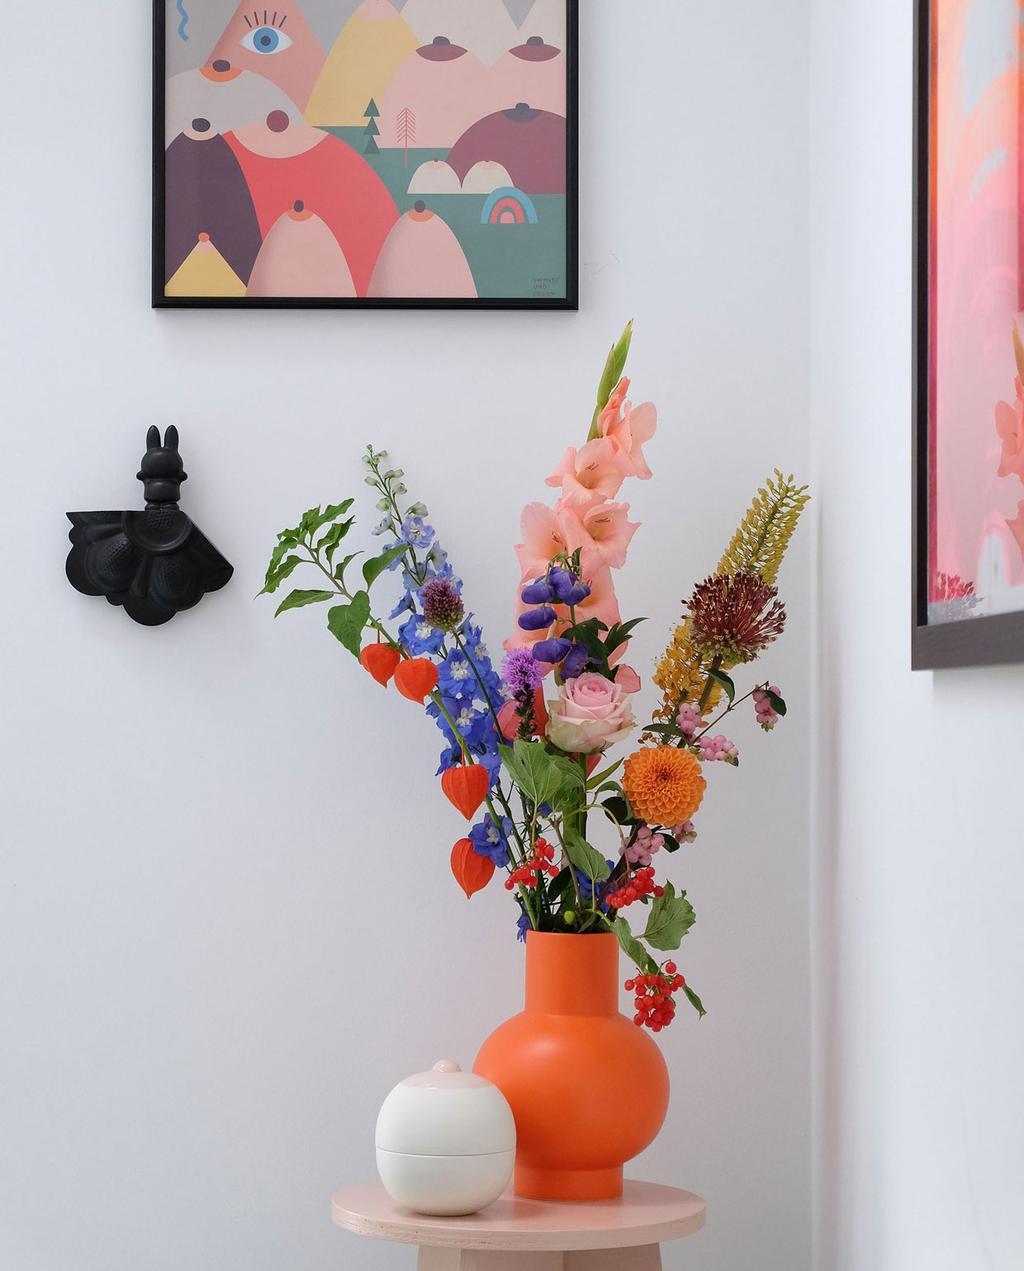 vtwonen | Blog PRCHTG Boobies oranje vaas met bloemen